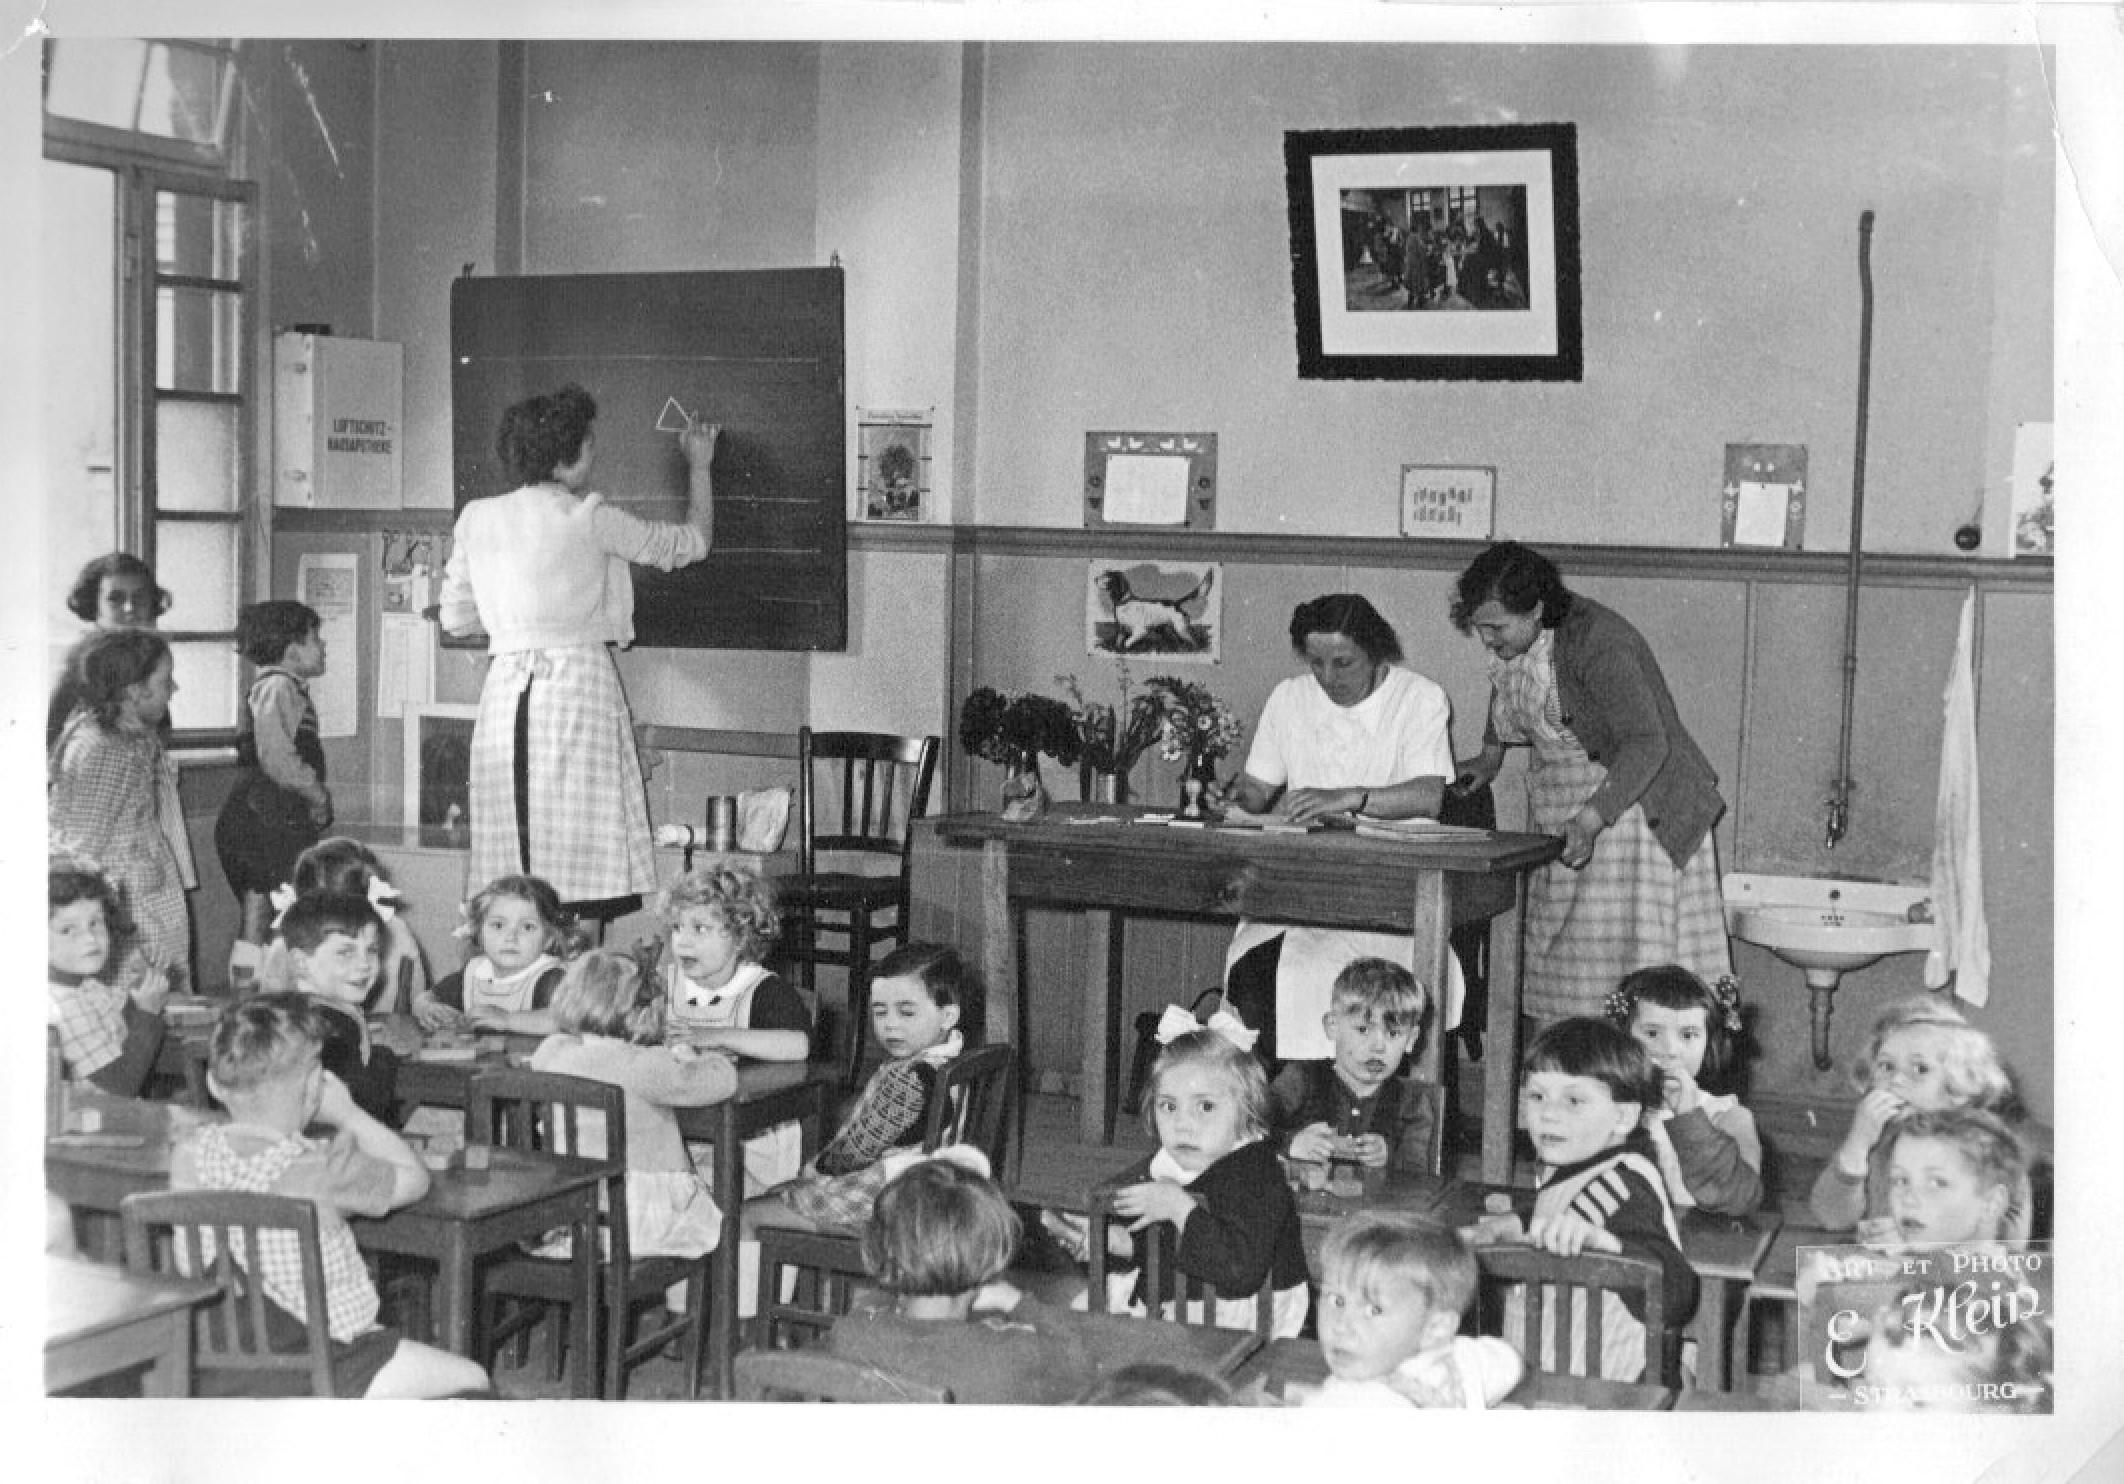 Historique du jardin d 39 enfants cr che garderie cole priv e for Jardin 19eme siecle